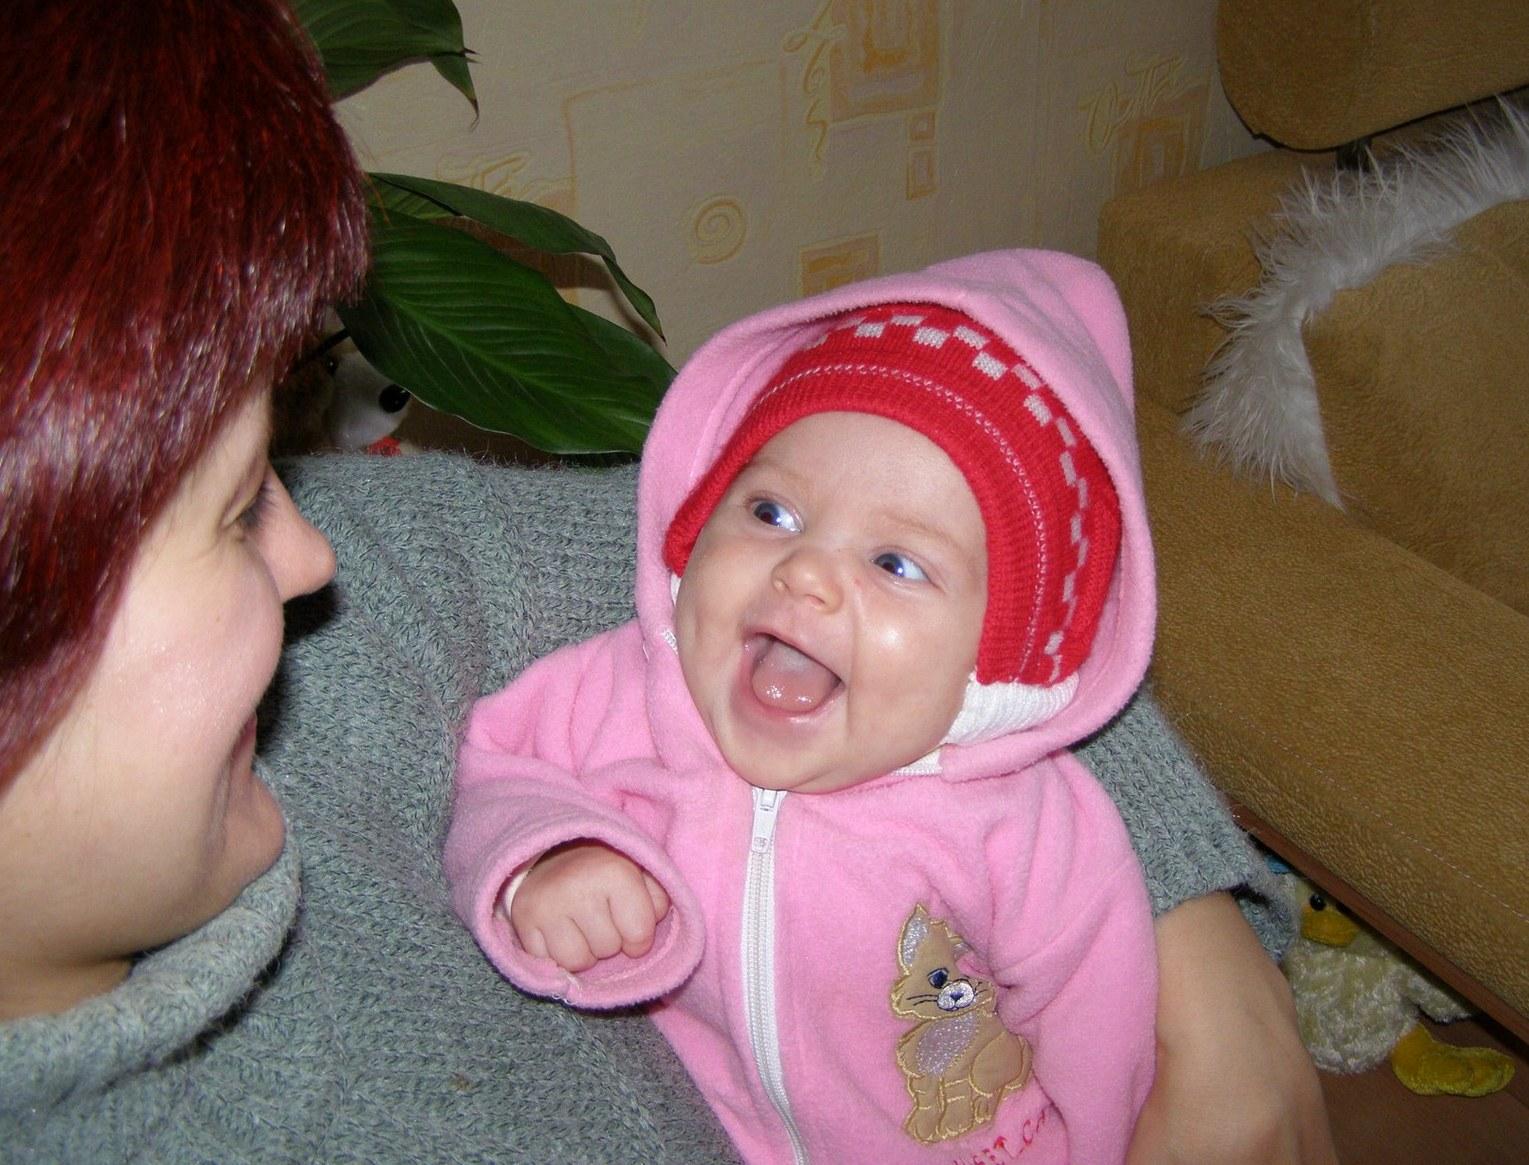 Cамая милая улыбочка для мамочки!. Счастье в маминых руках